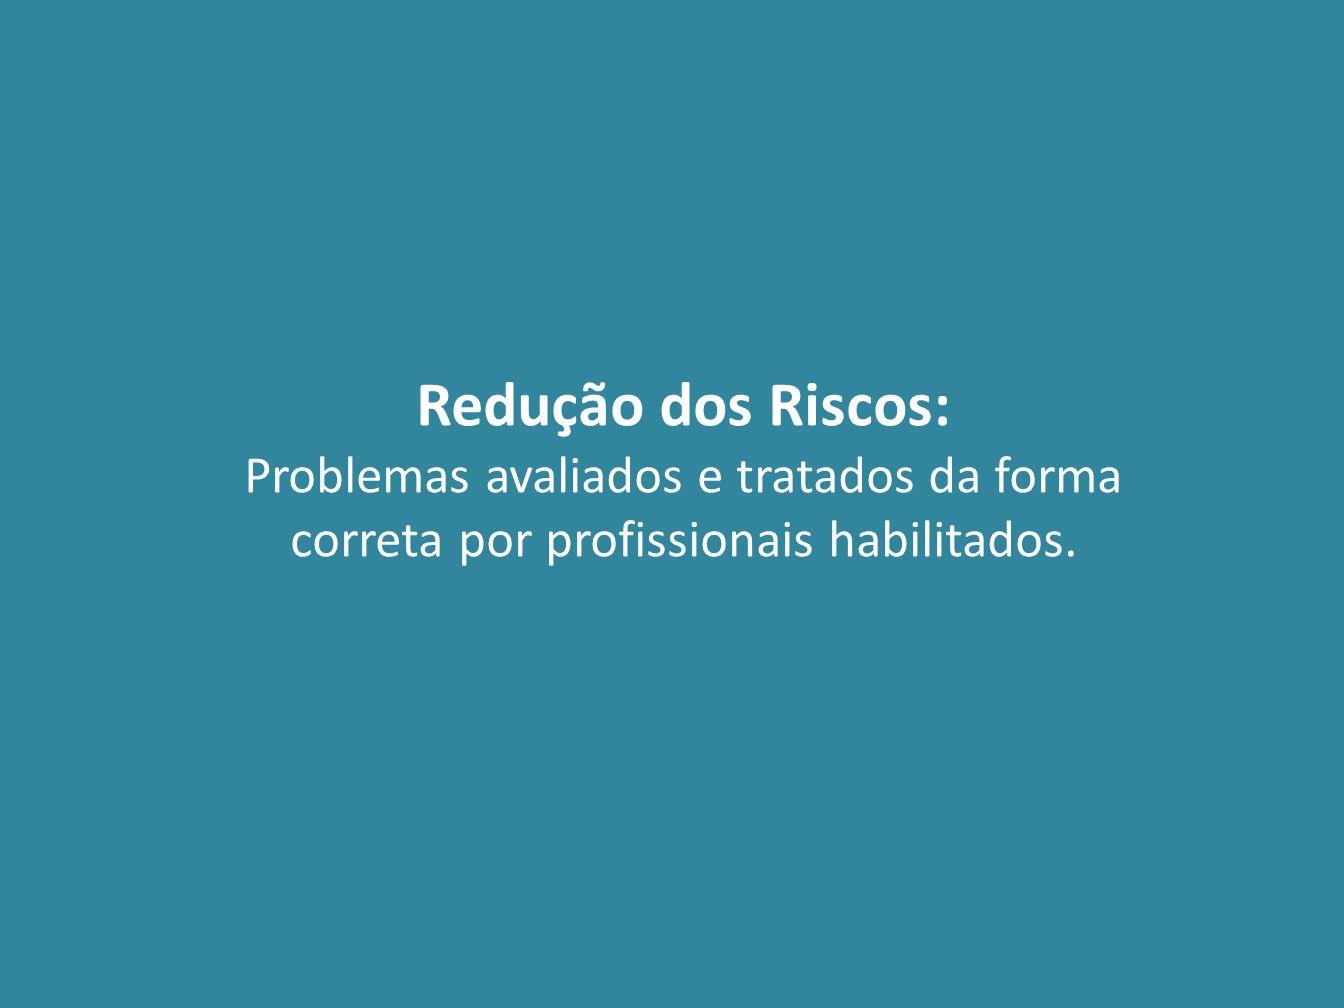 Redução dos Riscos: Problemas avaliados e tratados da forma correta por profissionais habilitados.